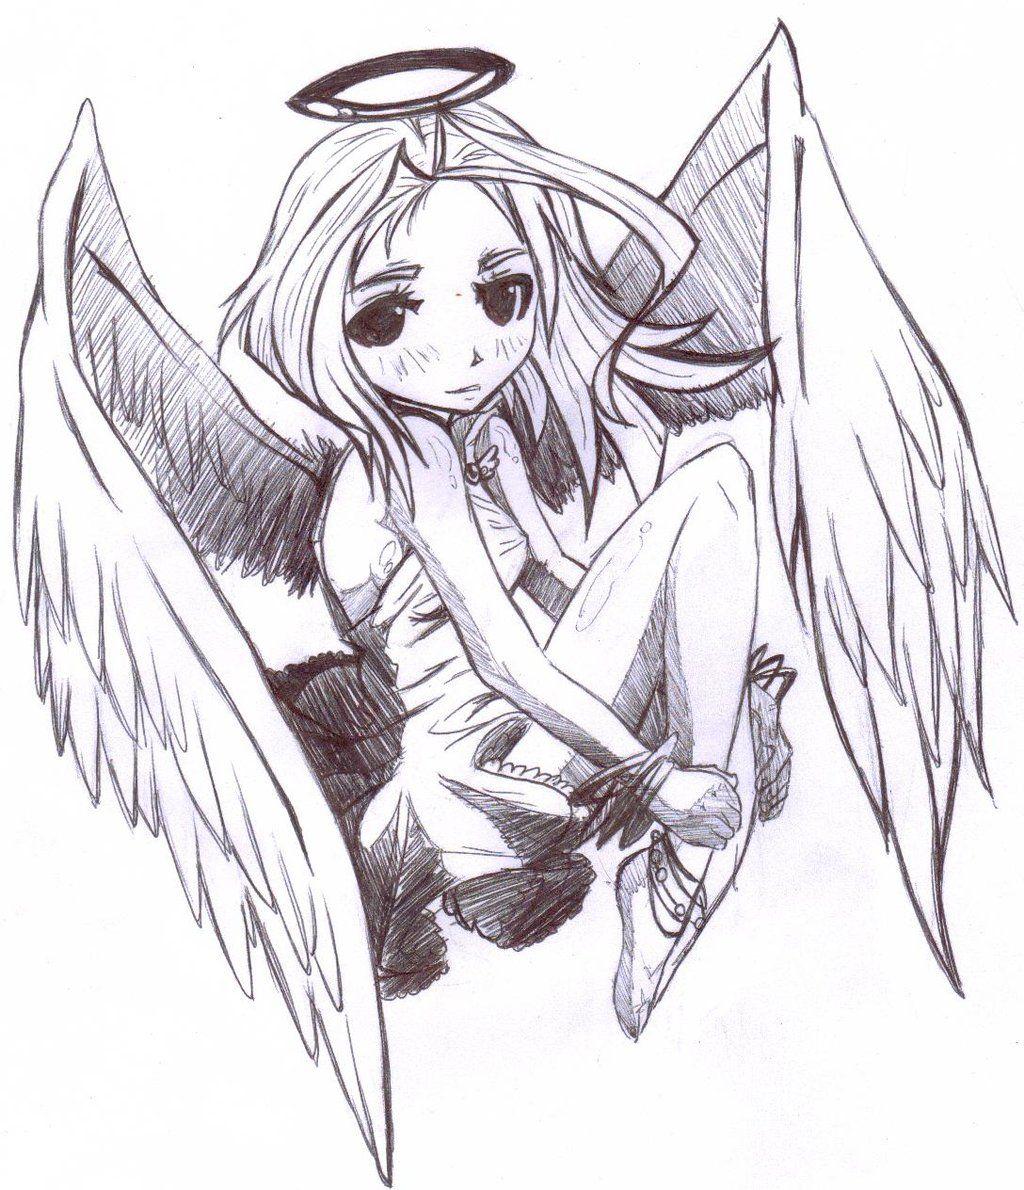 Alas De Angeles Y Demonios Dibujos Buscar Con Google Dibujos Alas De Angel Angeles Dibujos